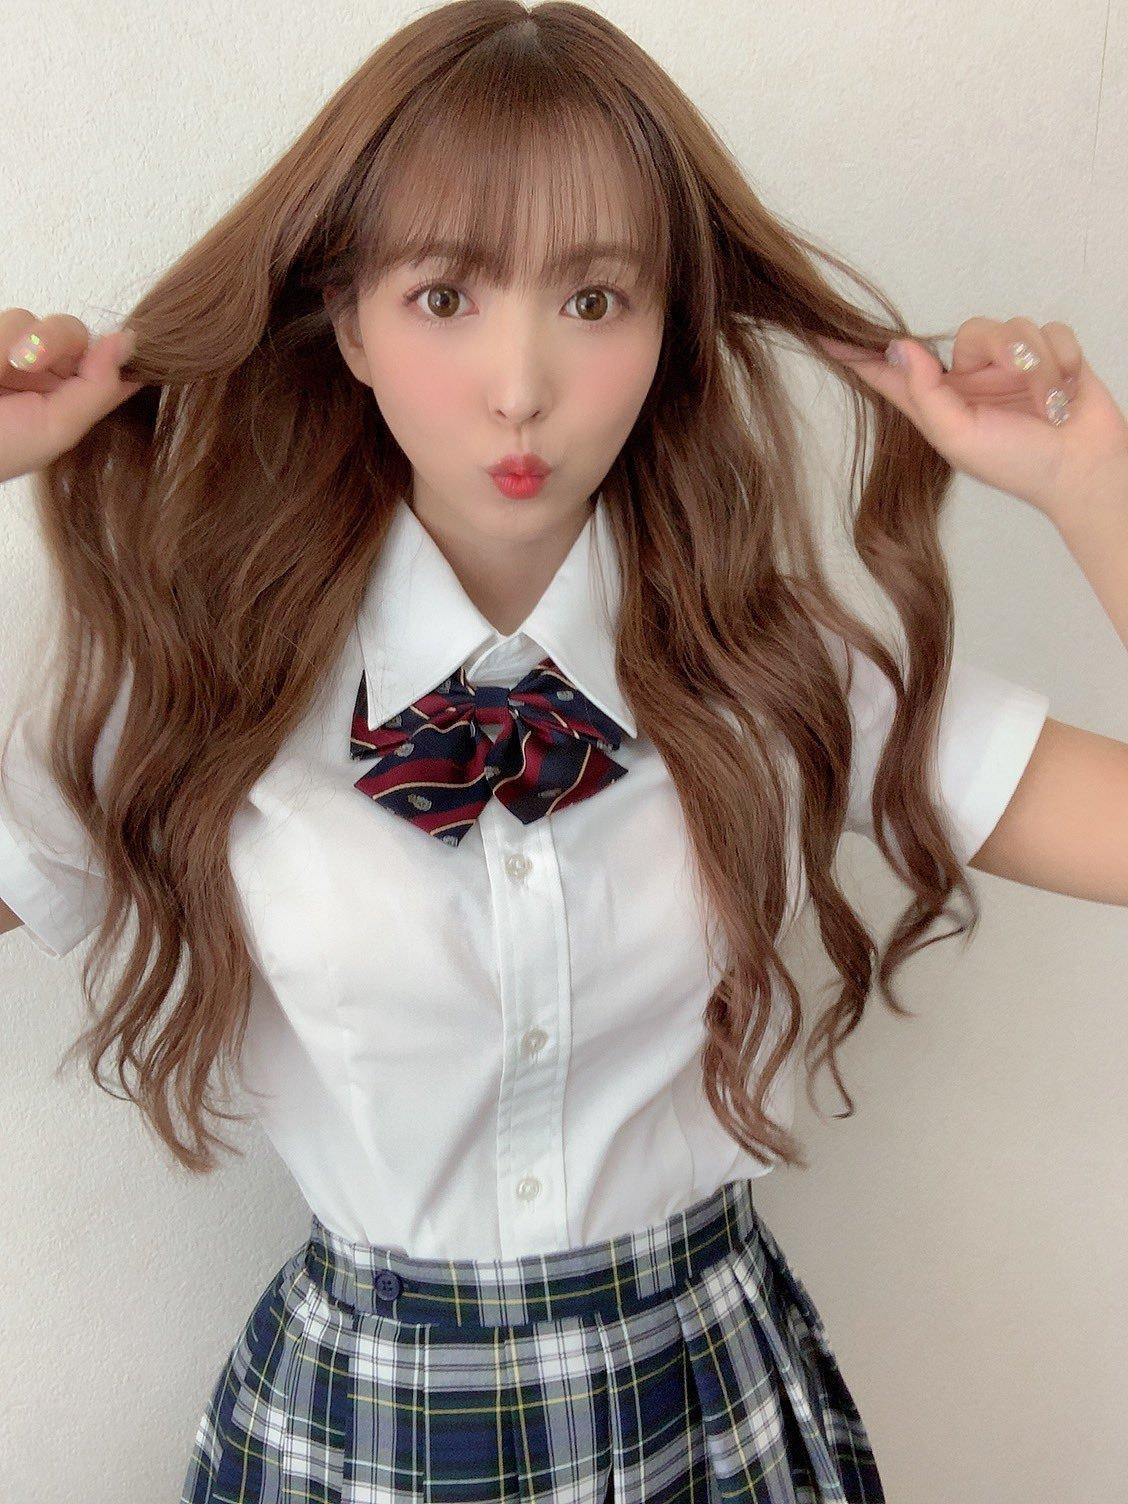 yua_mikami 1244113203589558272_p1